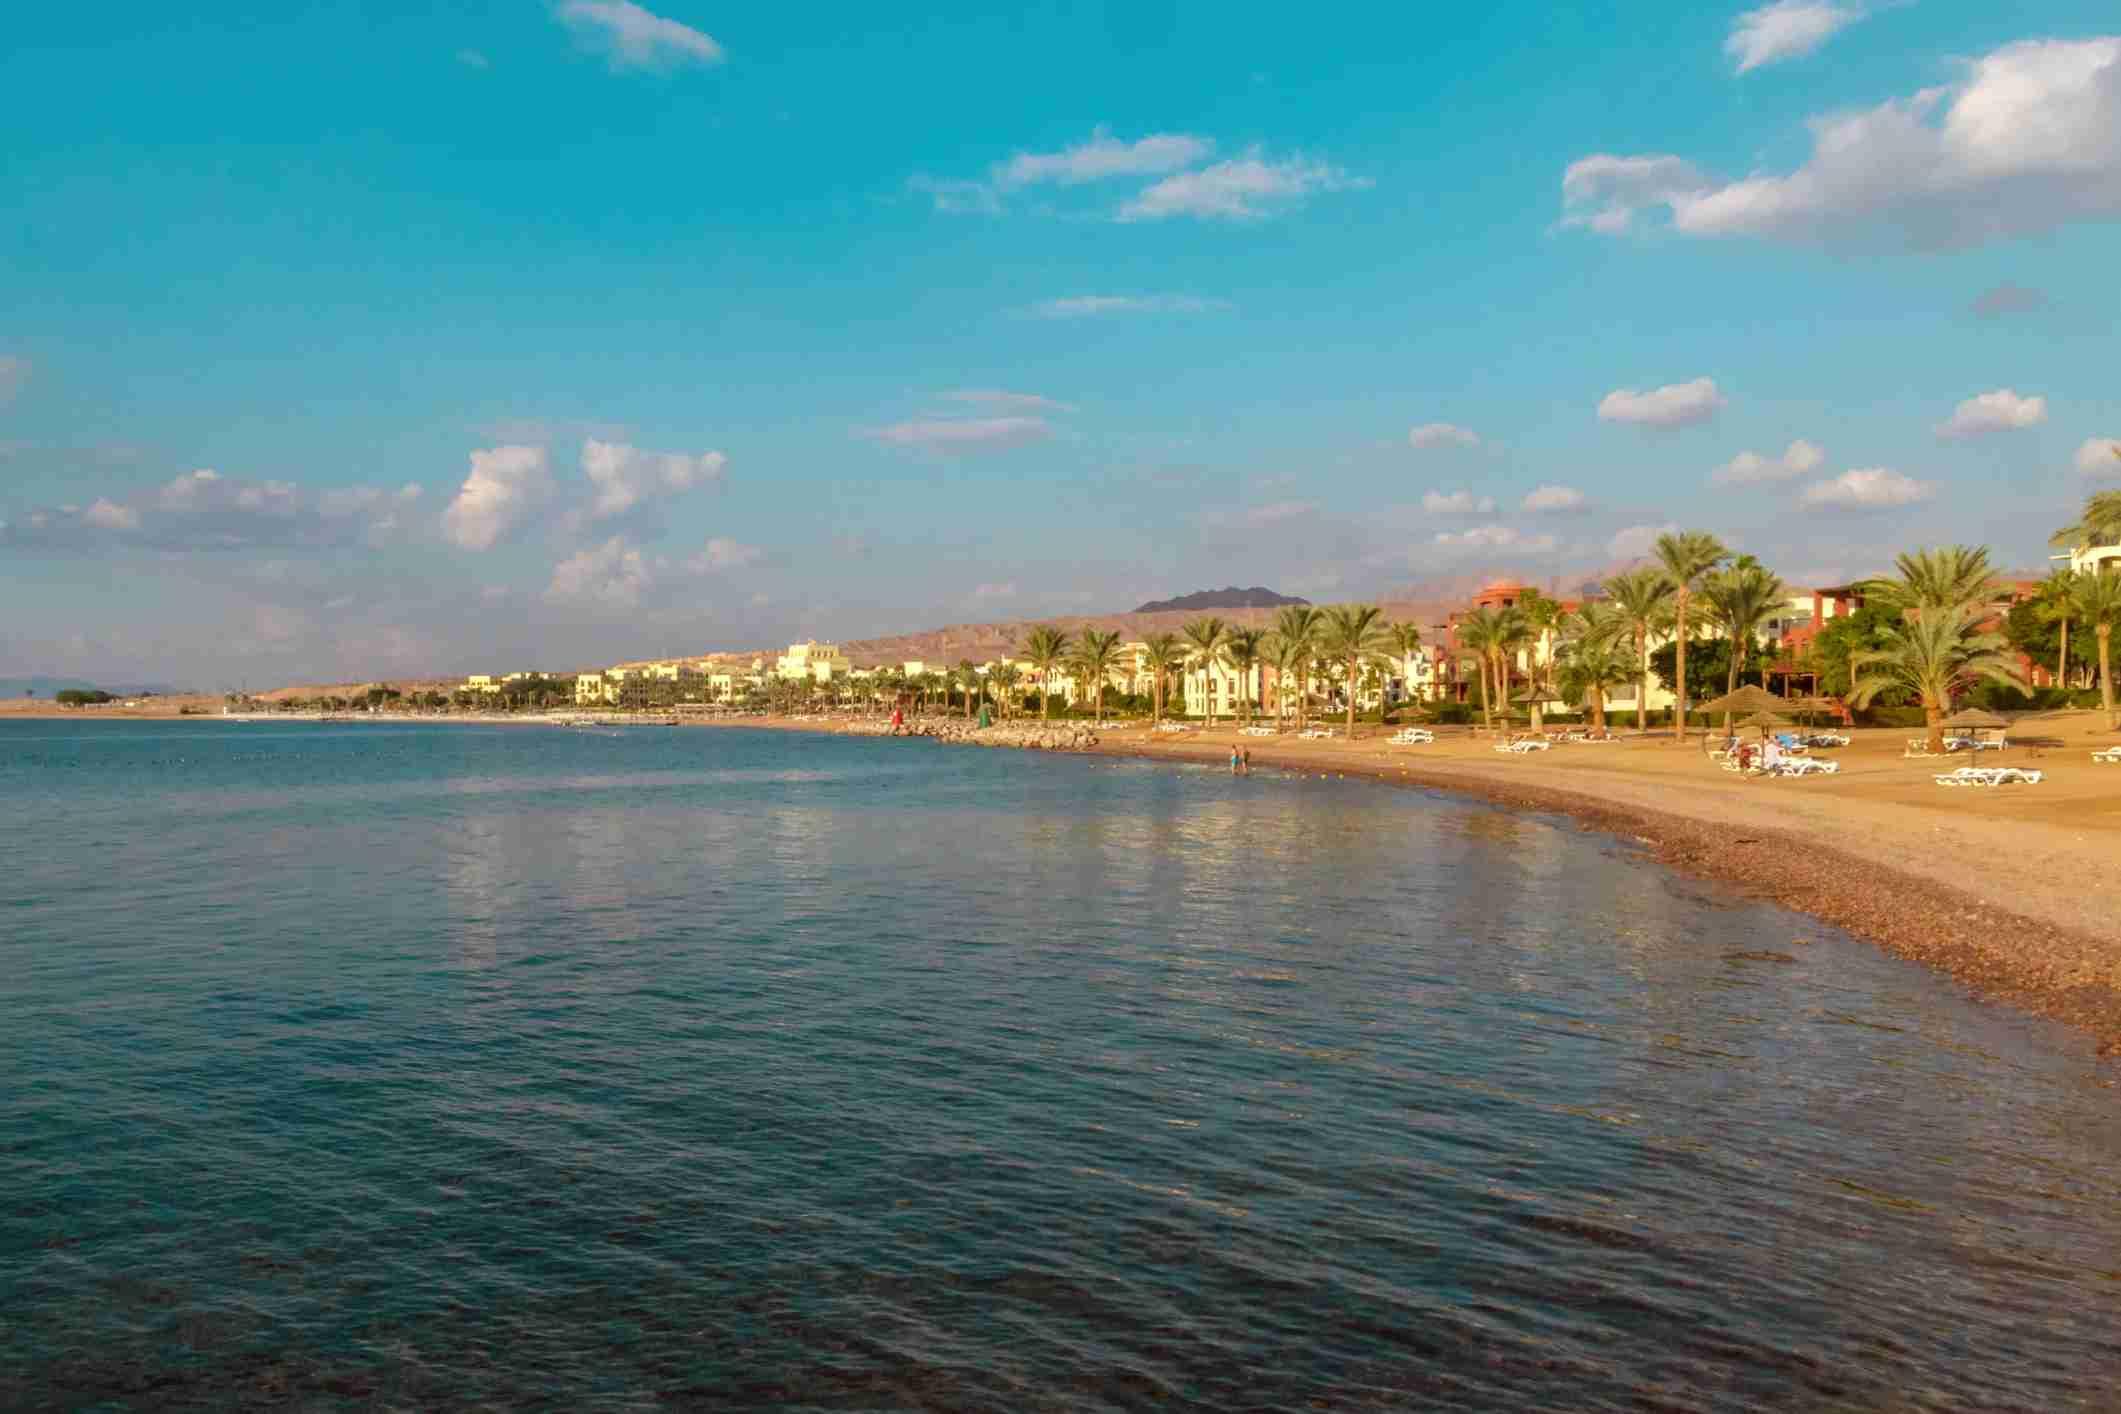 A beach in Aqaba, Jordan. (Photo via Getty Images)